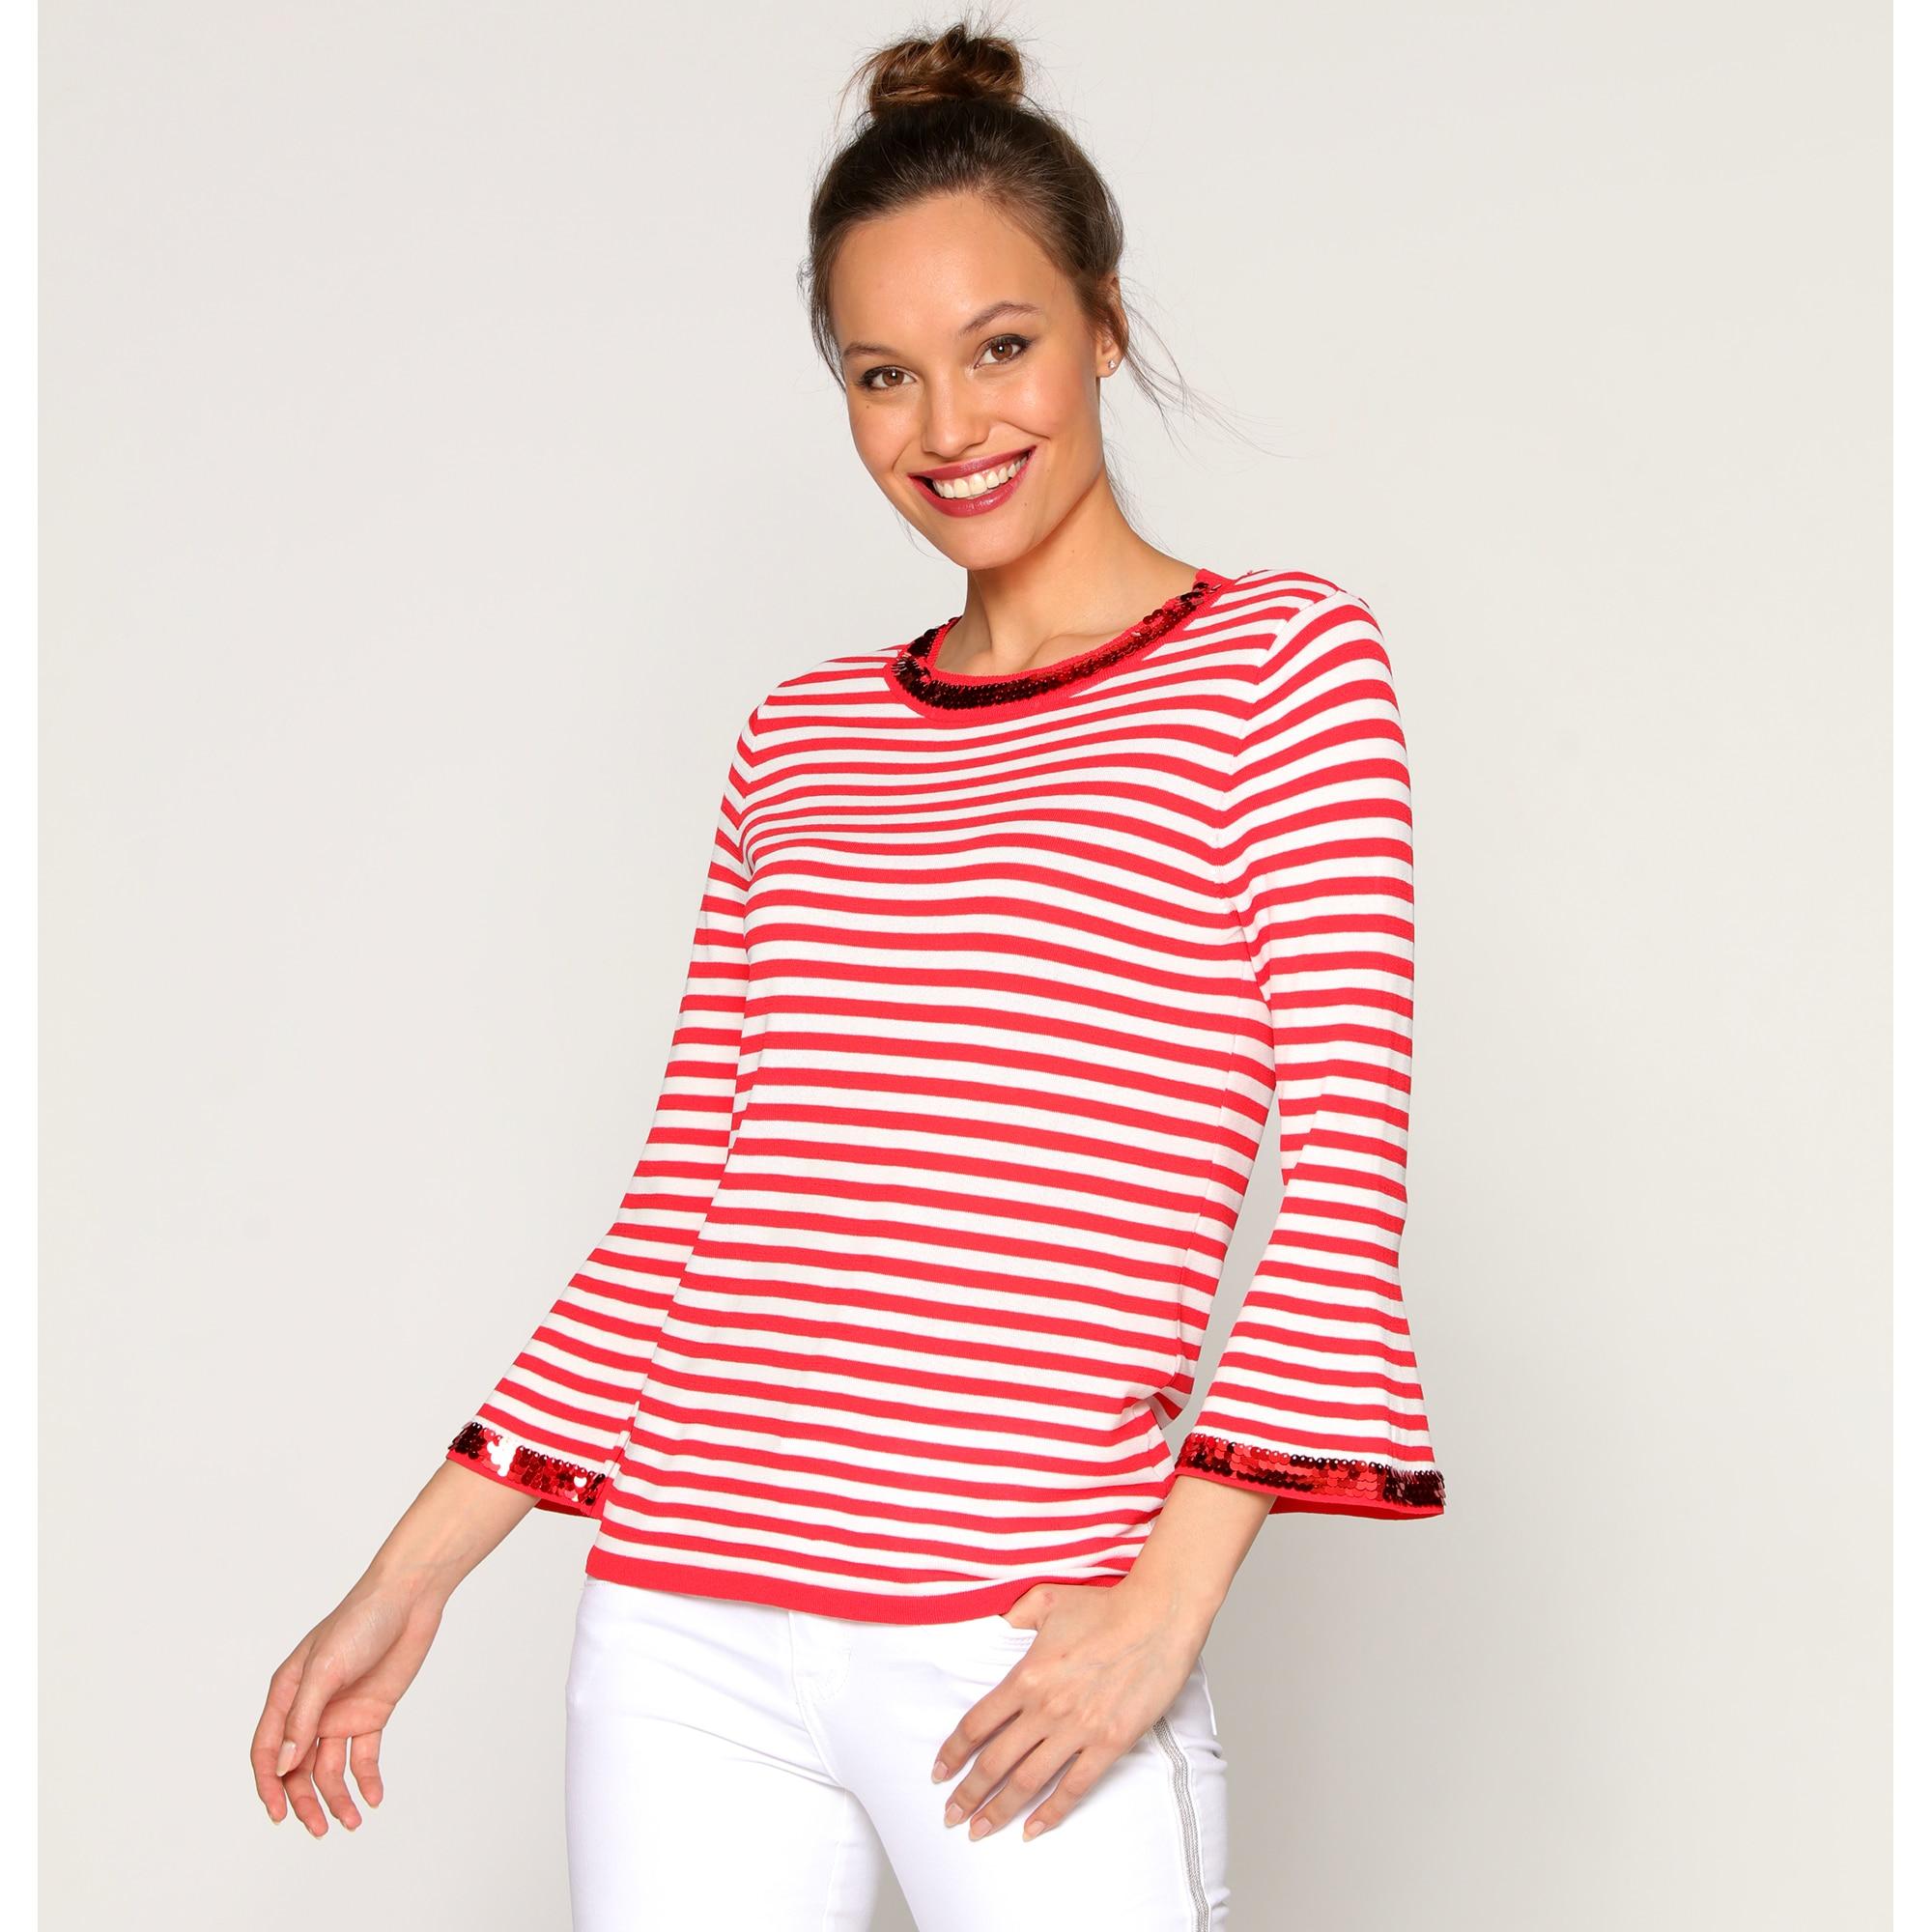 Compra bell jersey y disfruta del envío gratuito en AliExpress.com